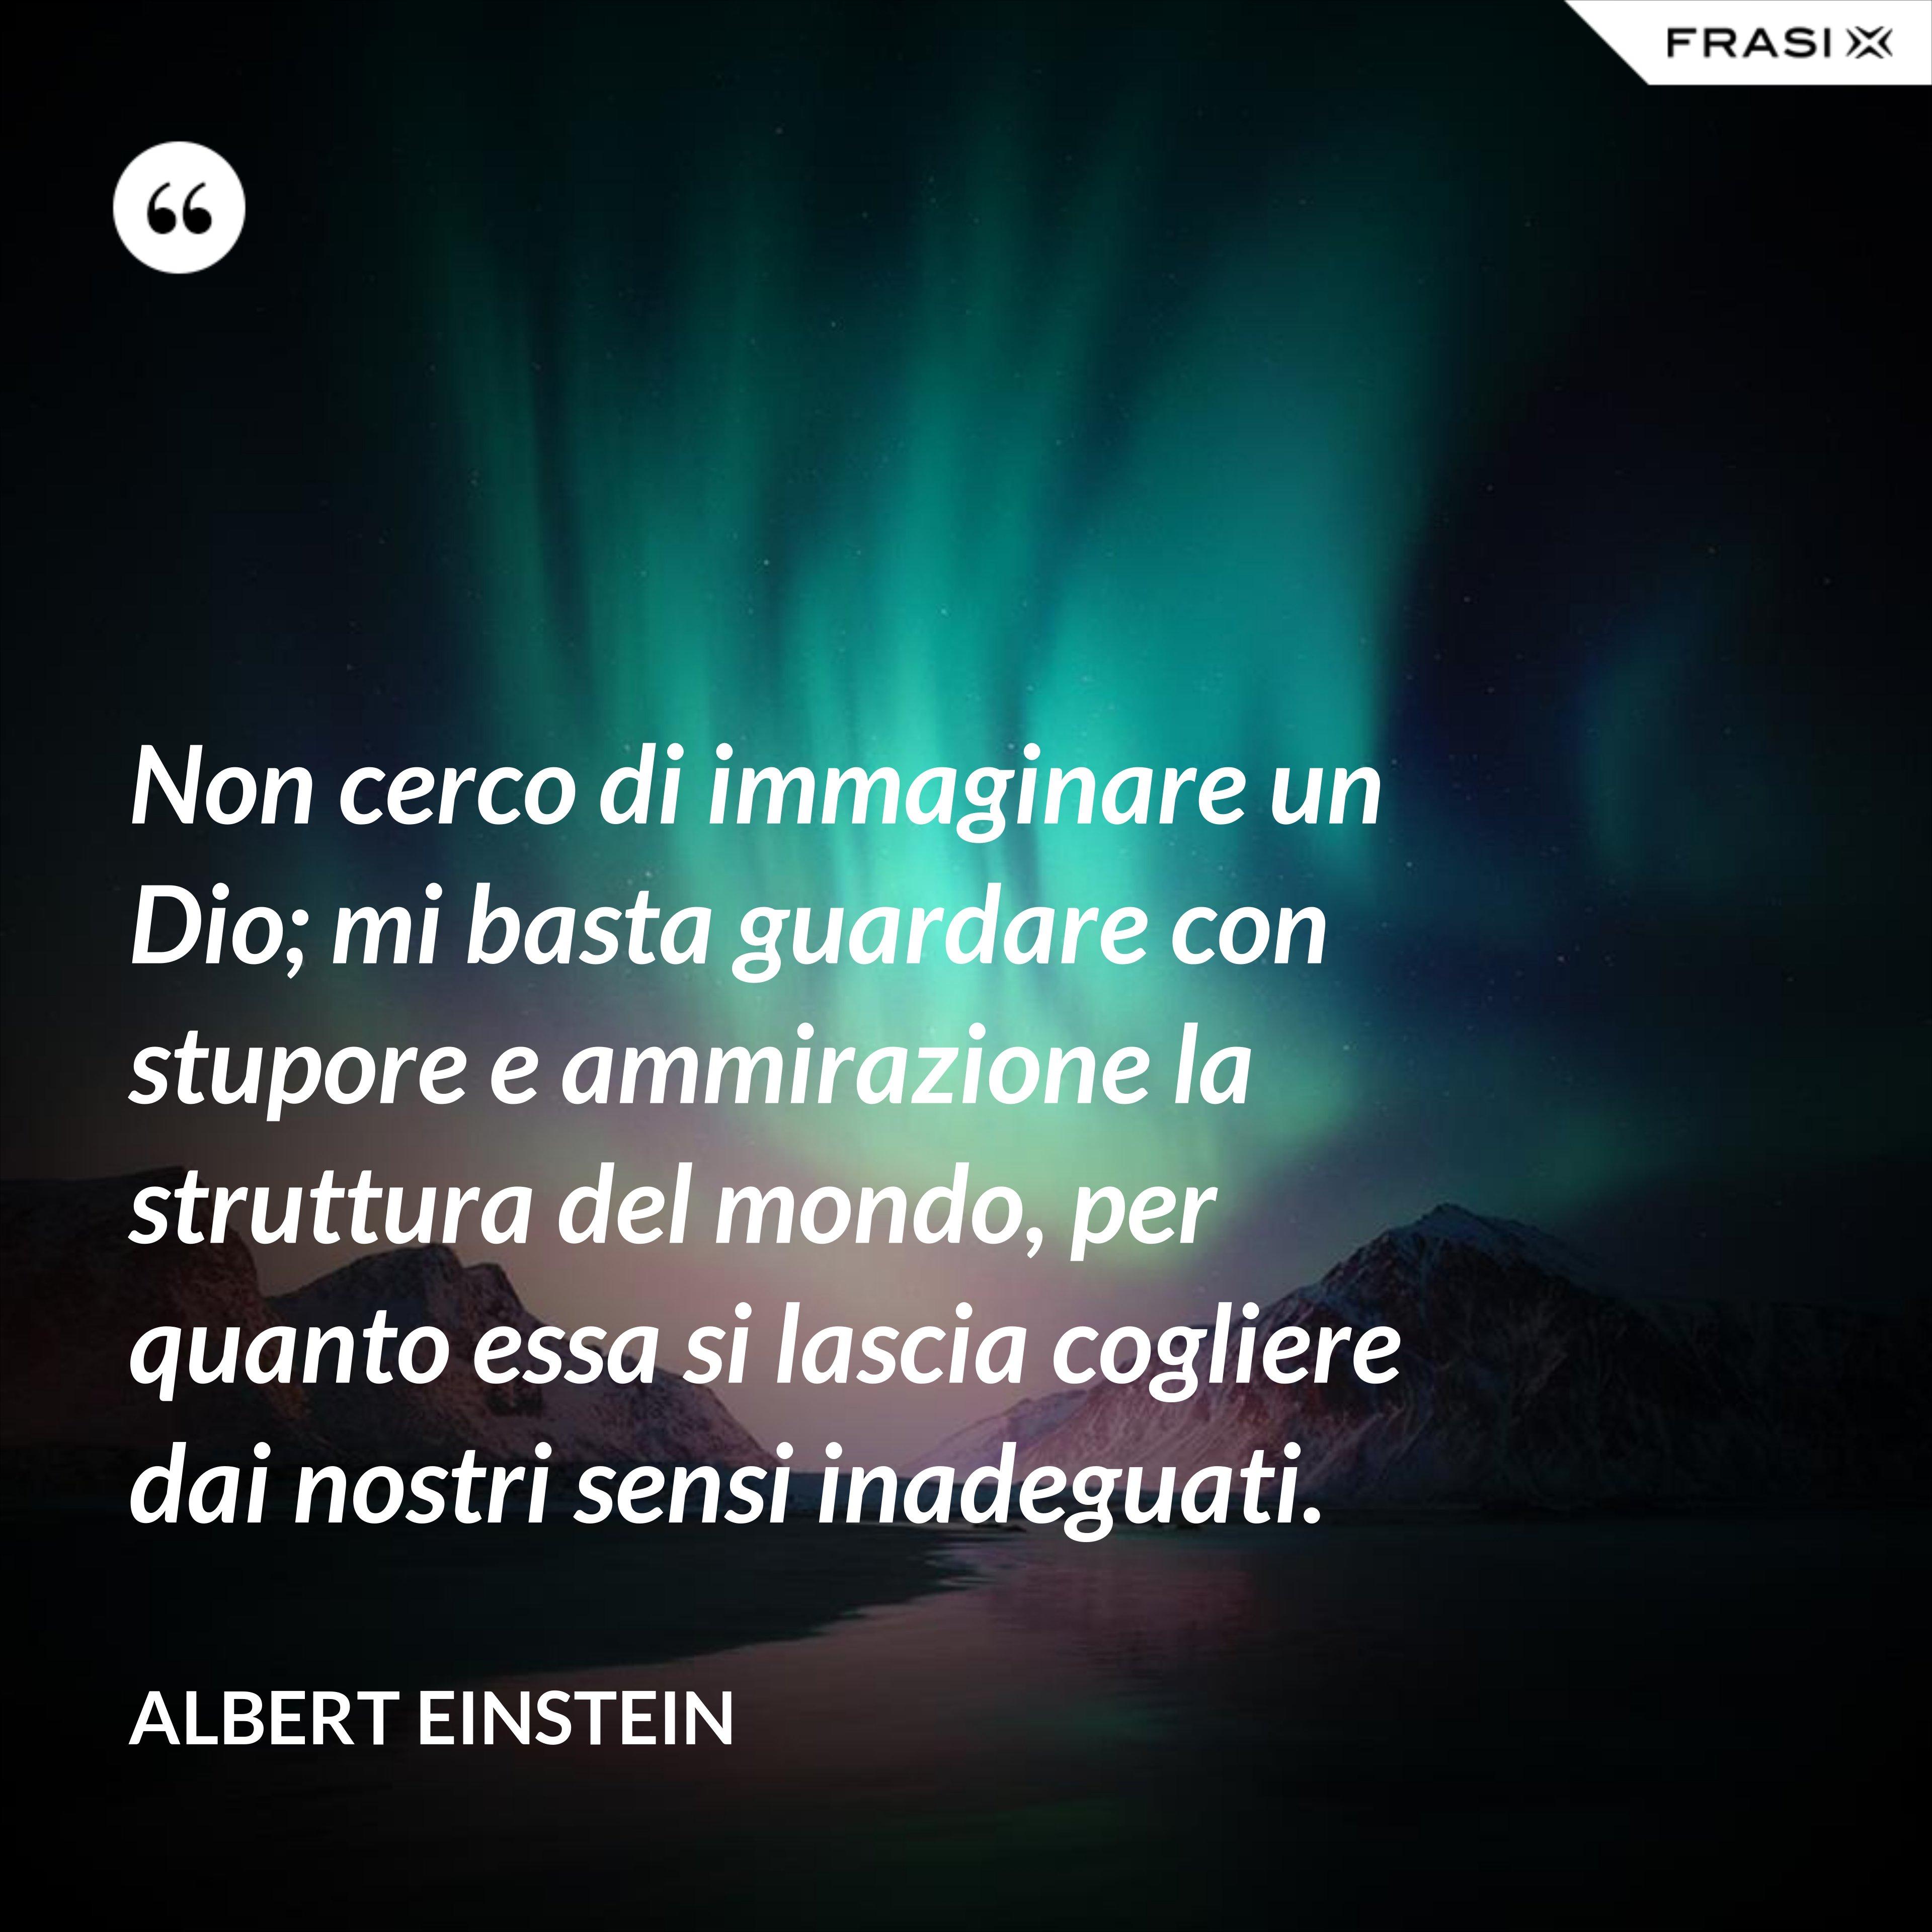 Non cerco di immaginare un Dio; mi basta guardare con stupore e ammirazione la struttura del mondo, per quanto essa si lascia cogliere dai nostri sensi inadeguati. - Albert Einstein